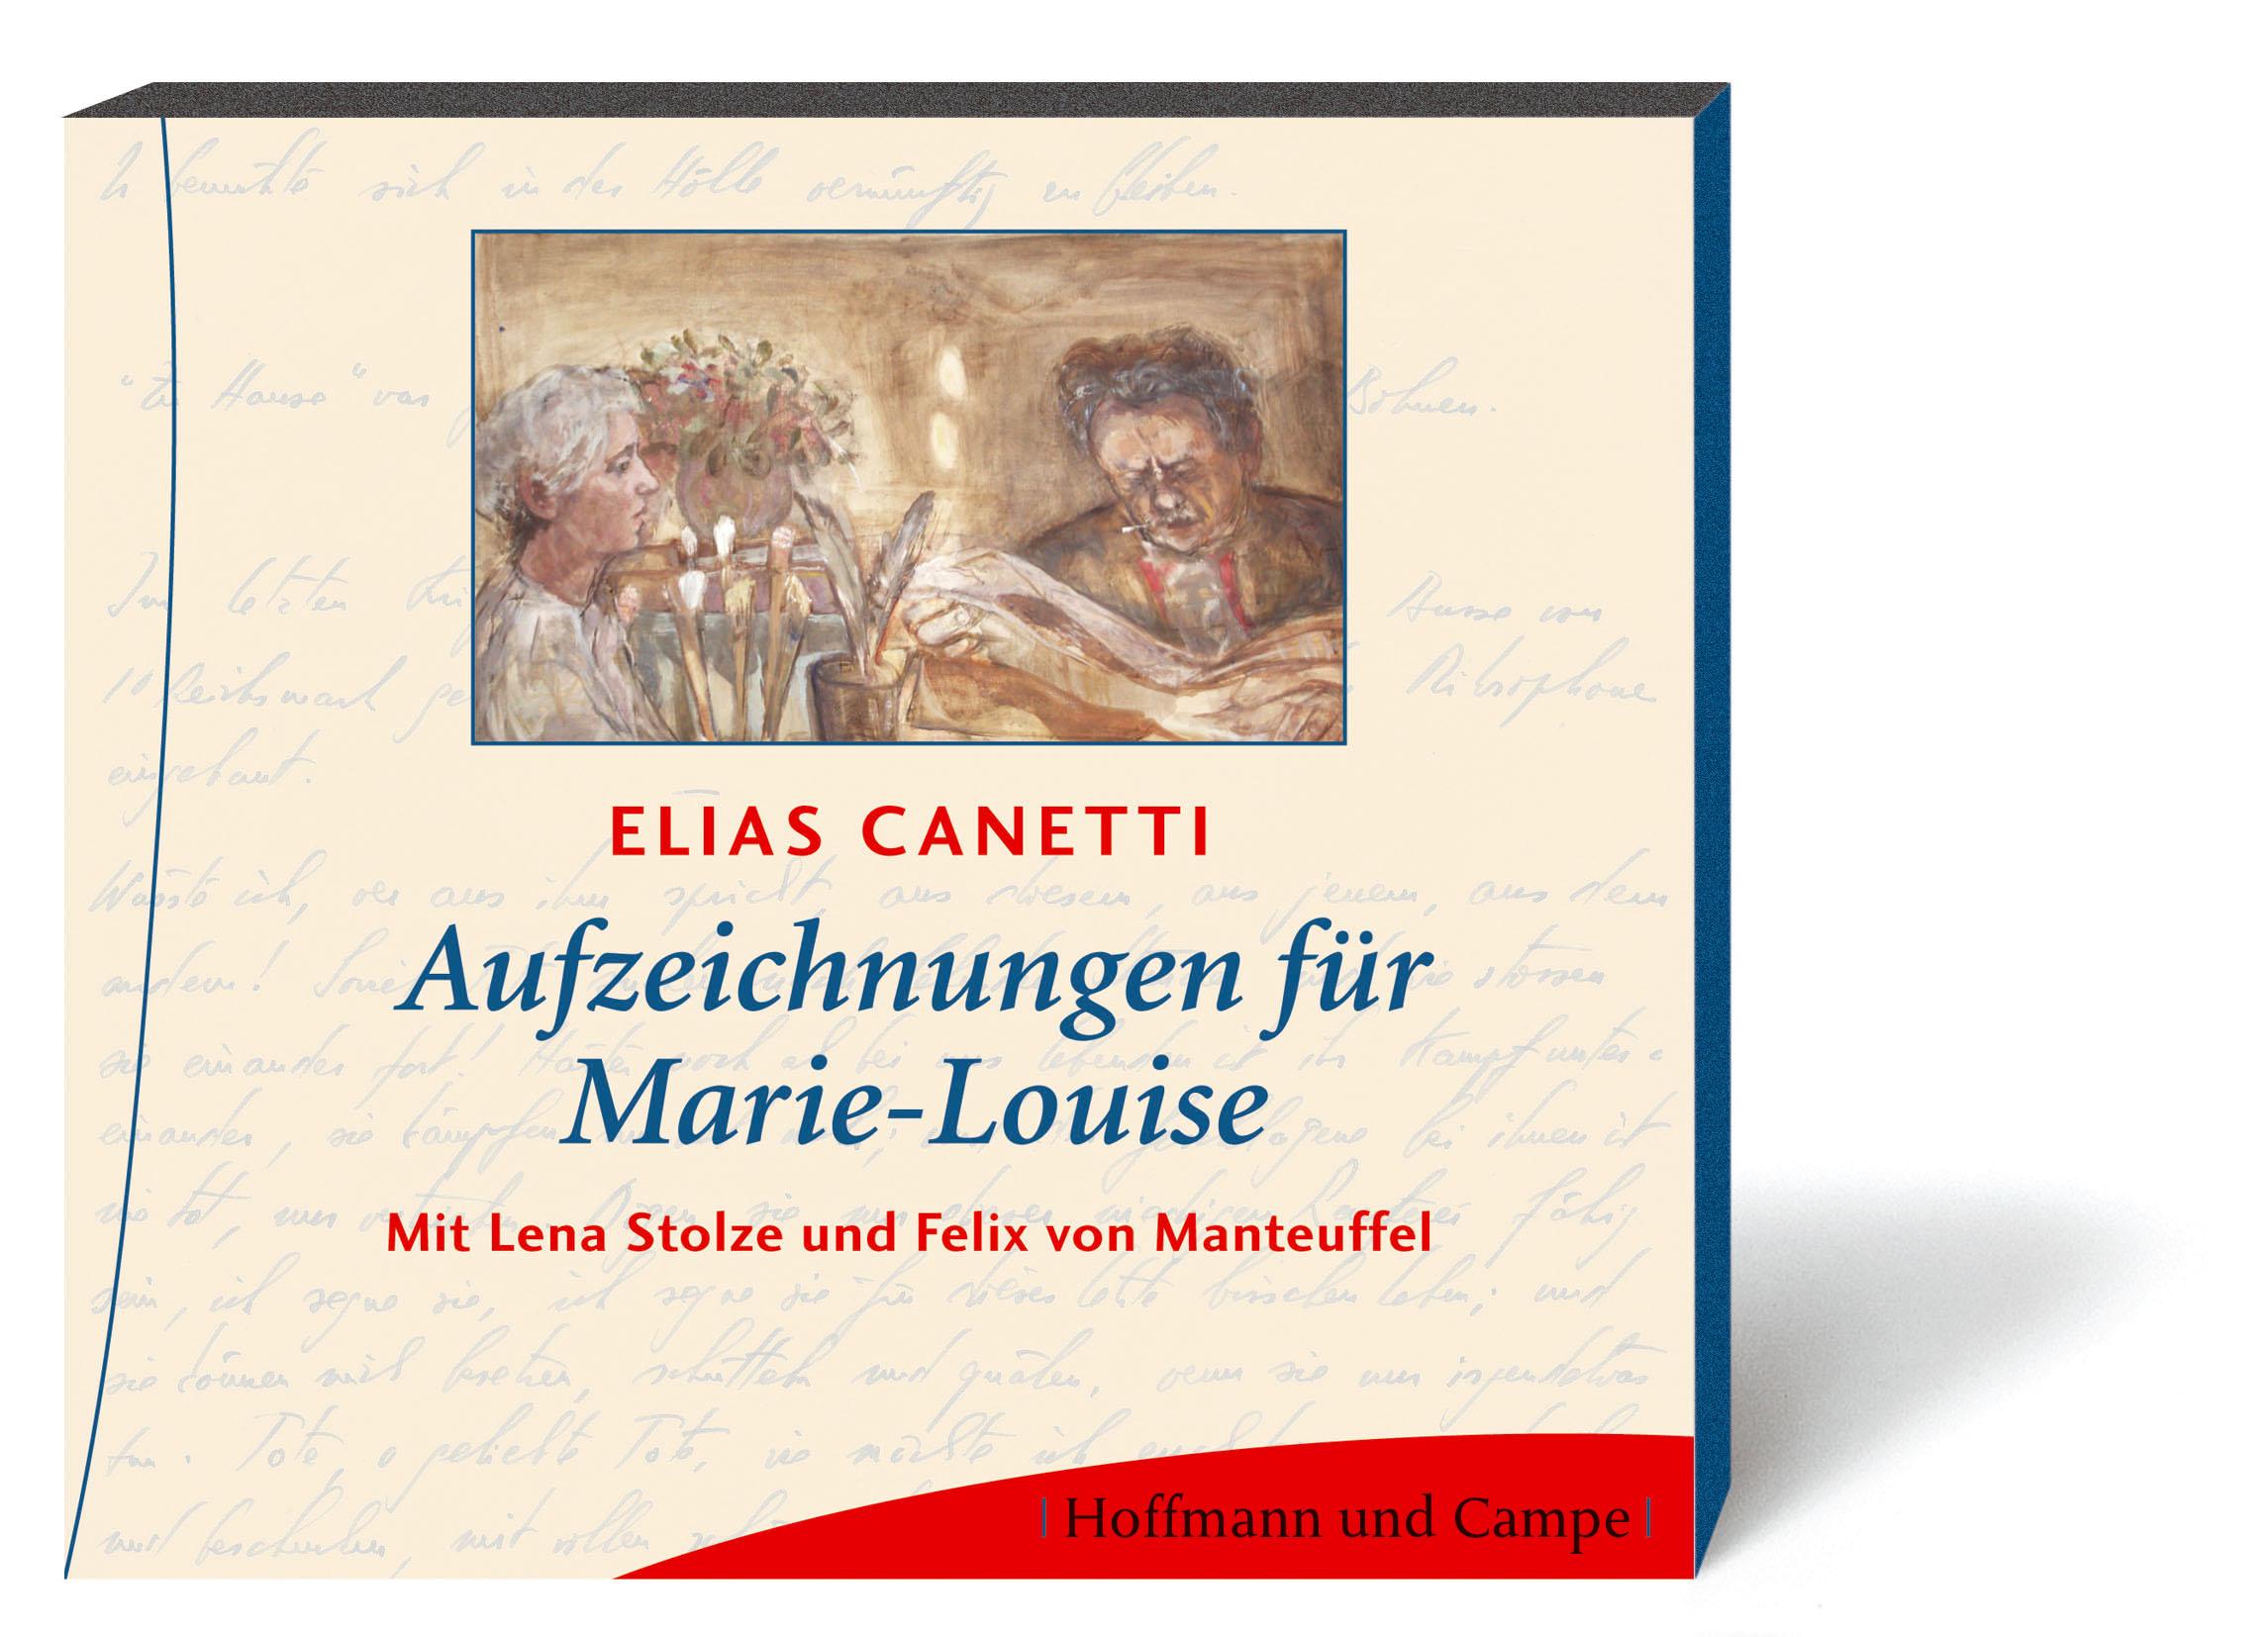 Aufzeichnungen für Marie-Louise - Elias Canetti